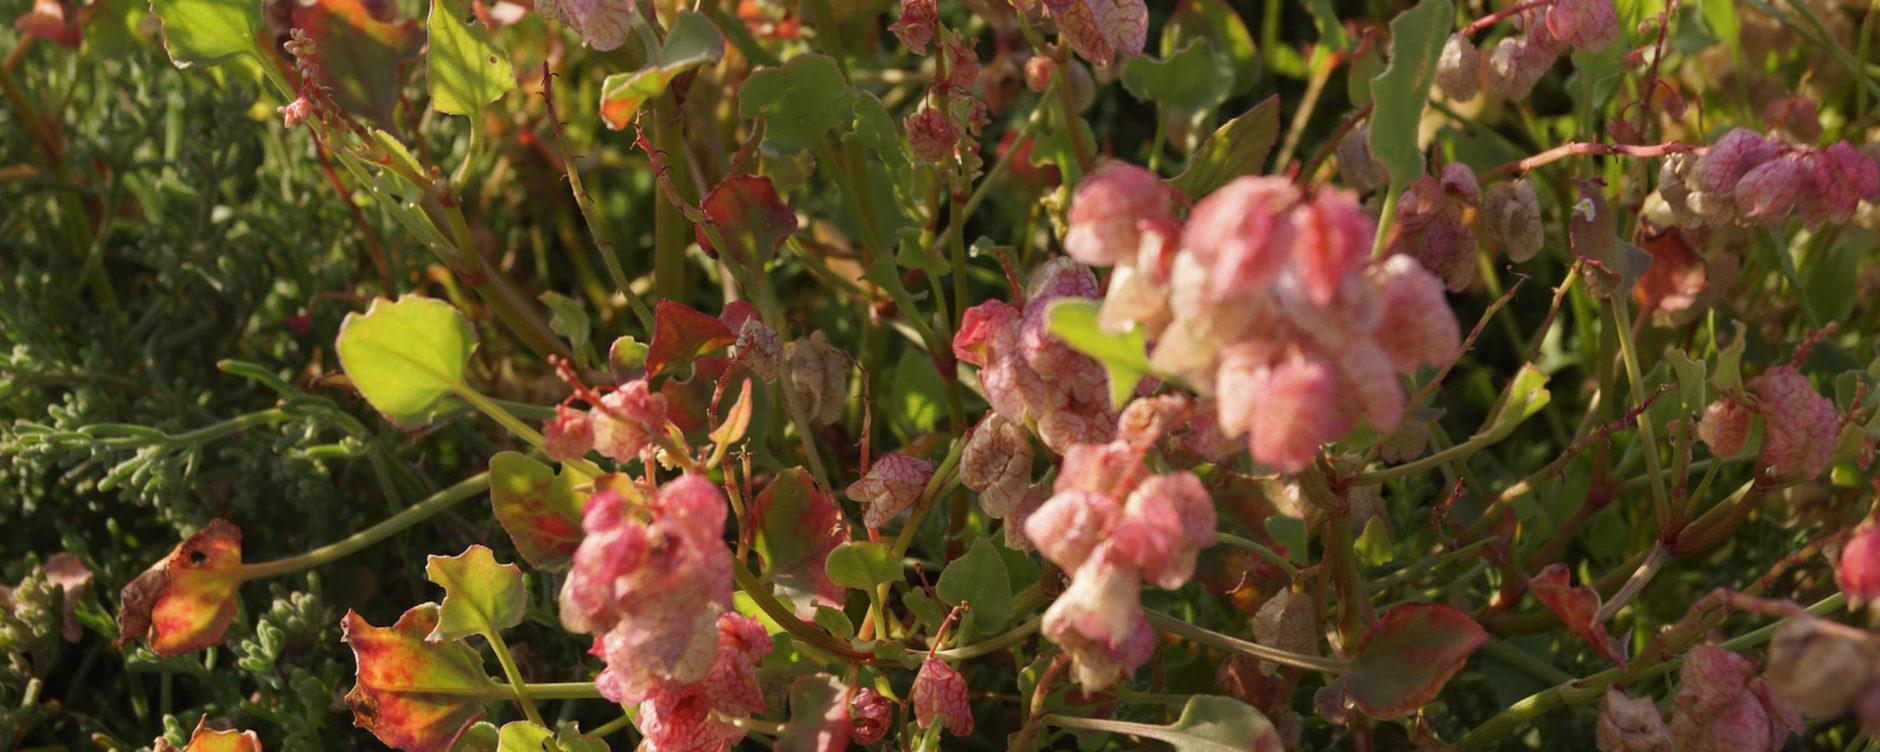 Doha flora. © Johanna Gibbons.